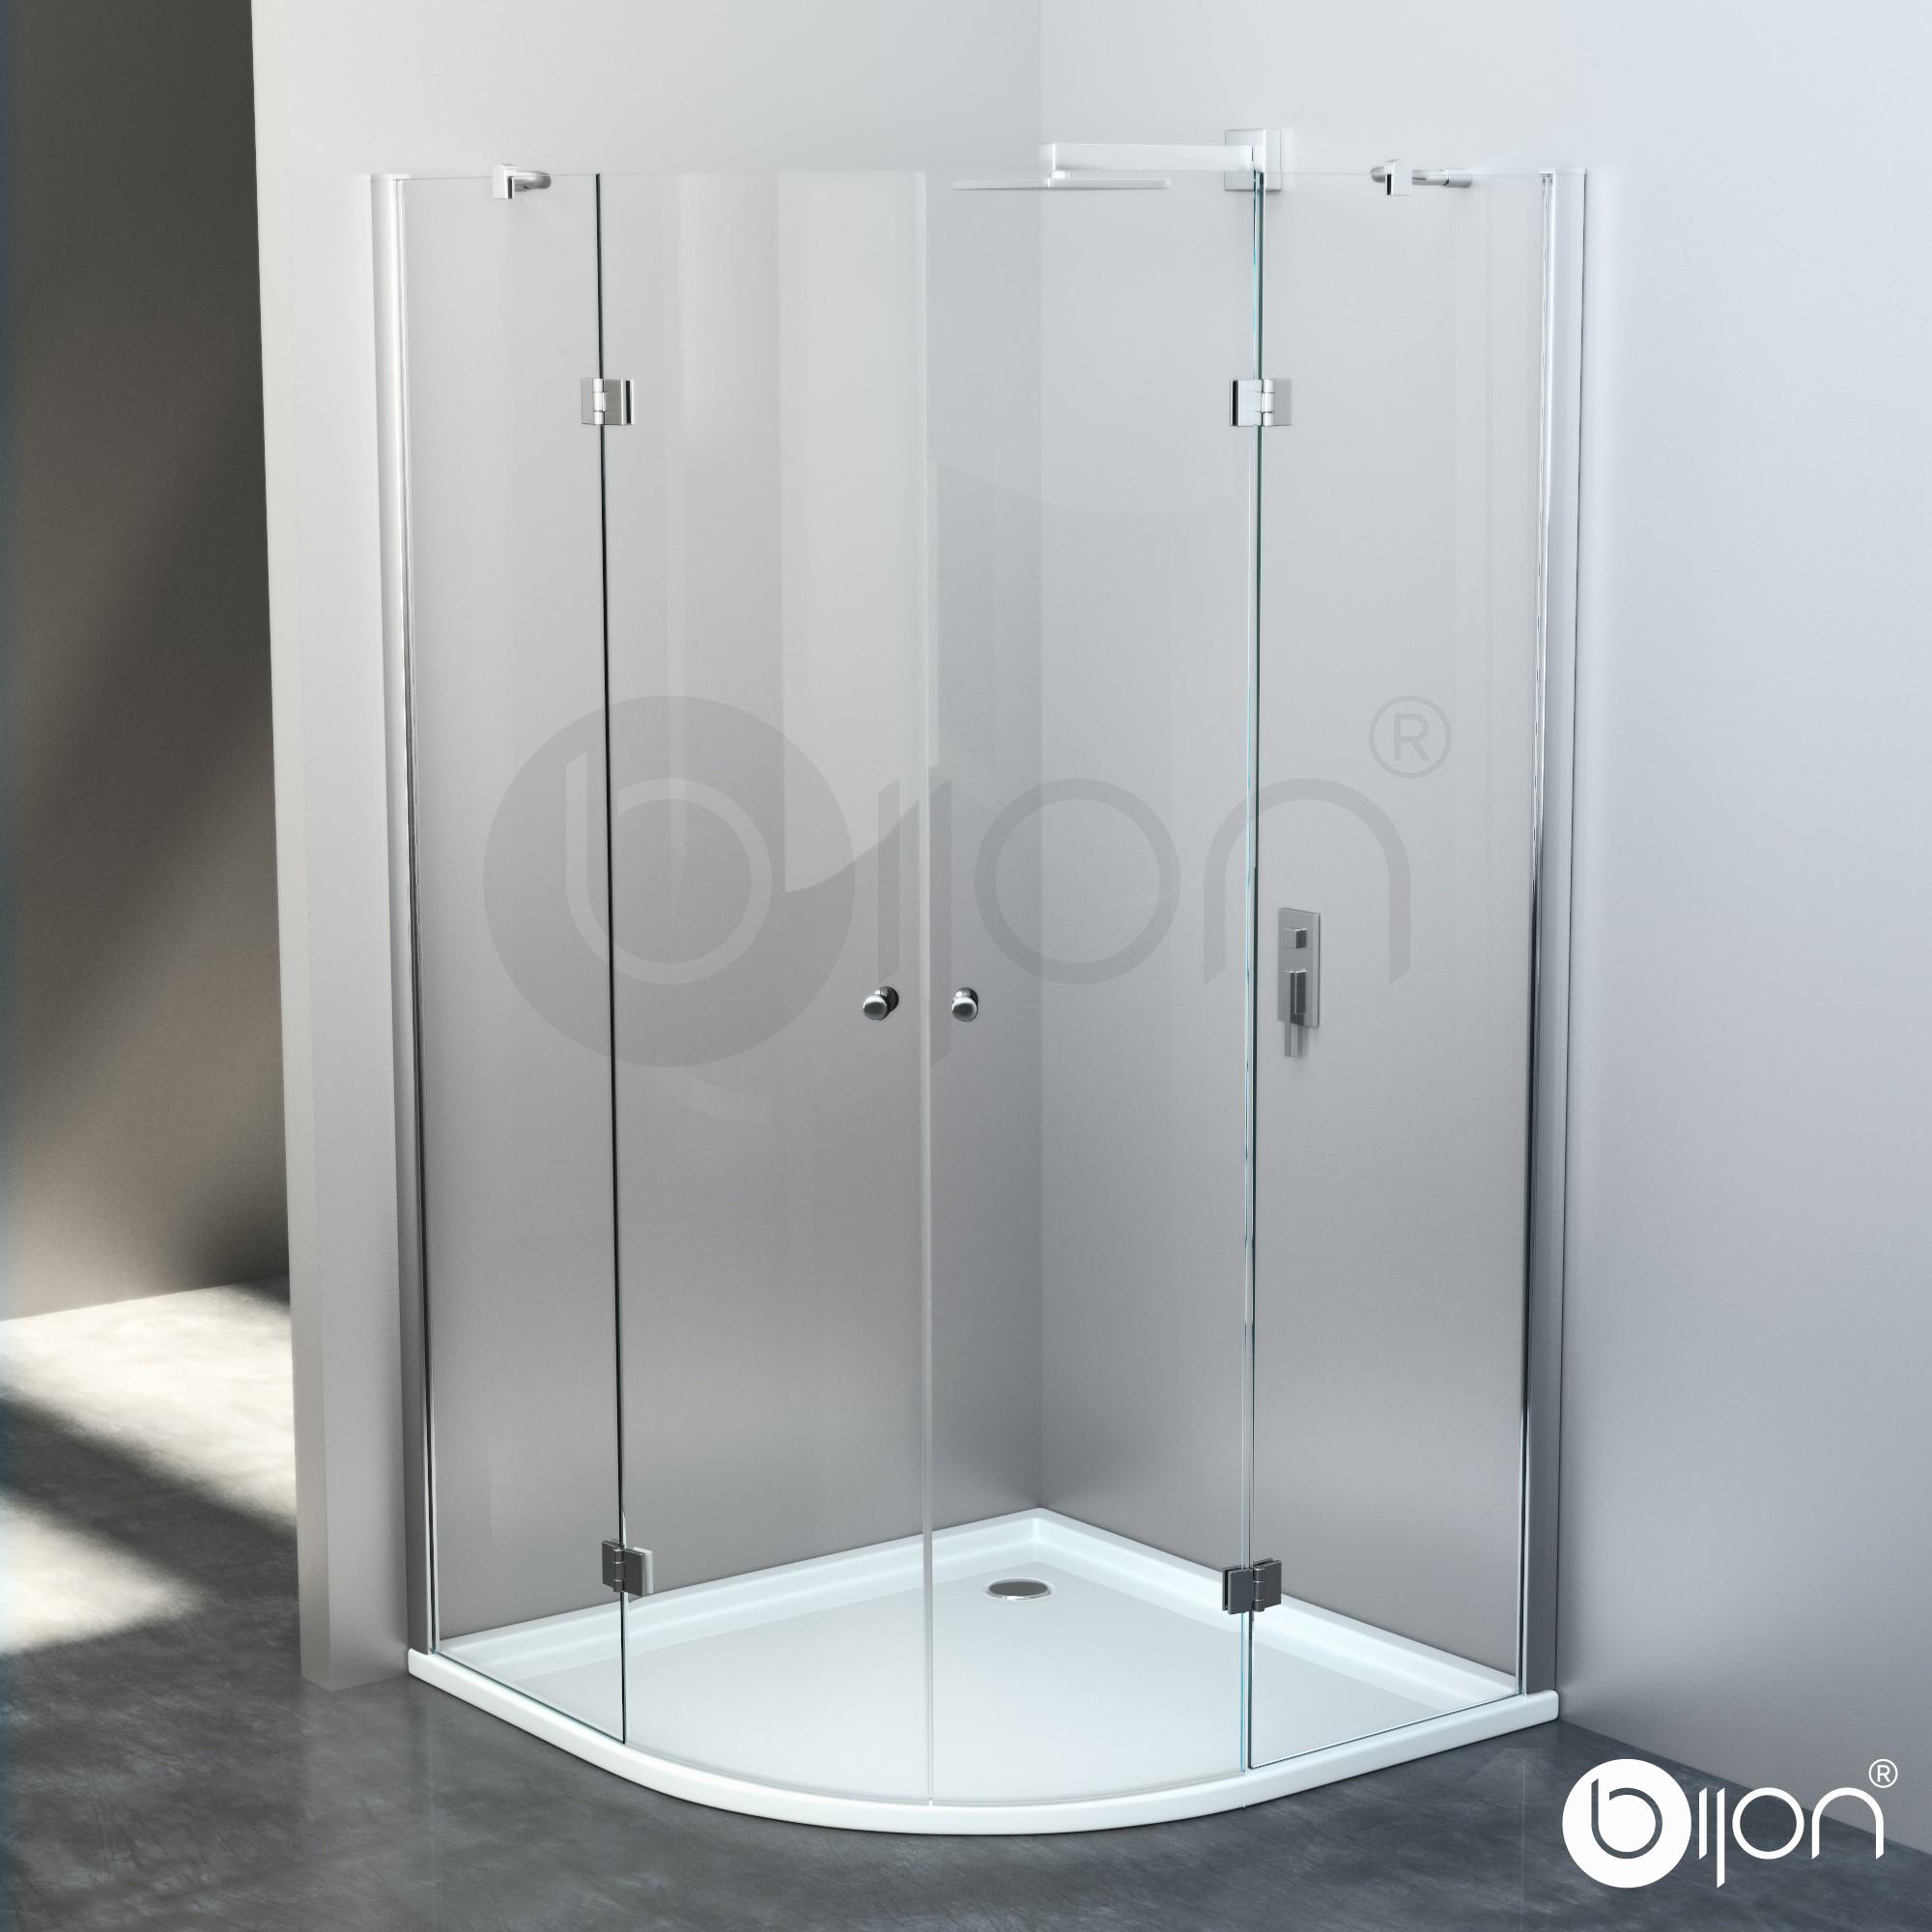 Full Size of Duschabtrennung Viertelkreis In Mehreren Ausfhrungen Sr 008 Fliesen Für Dusche Anal Grohe Glasabtrennung Bidet Glaswand Bodengleiche Einbauen Pendeltür Dusche Dusche 90x90